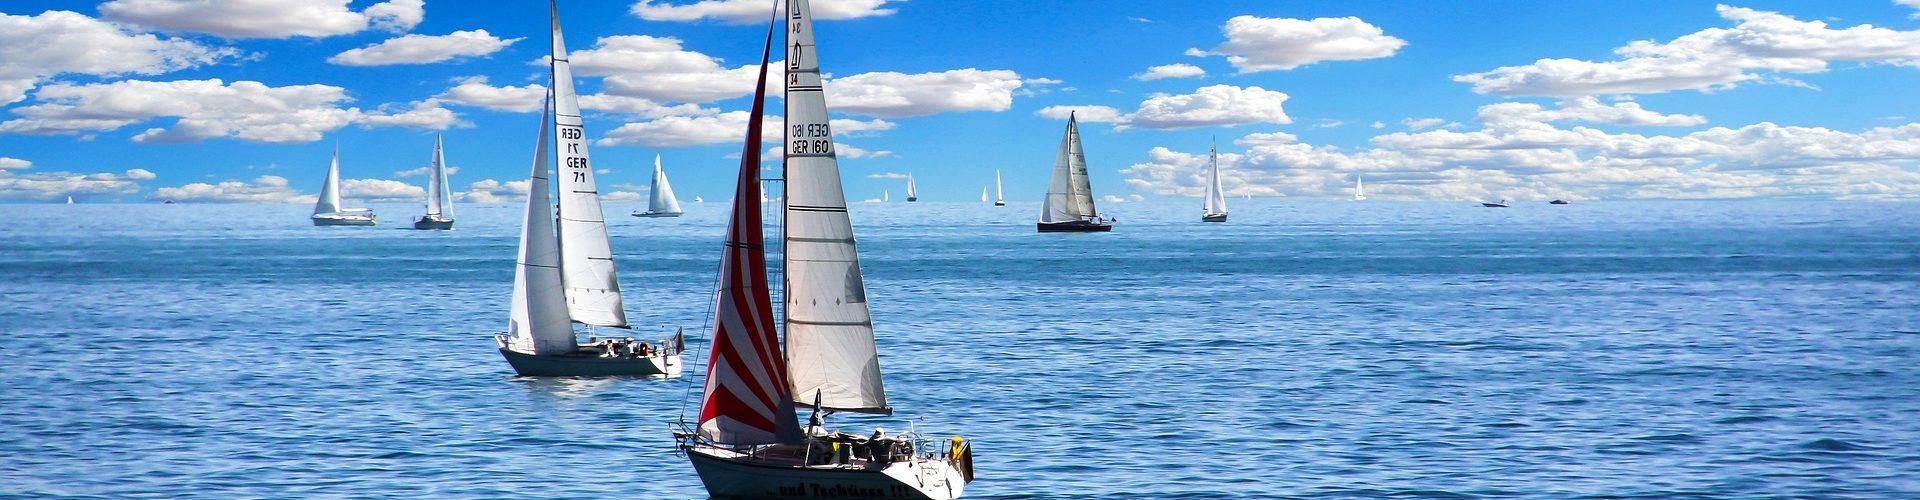 segeln lernen in Hamburg Harburg segelschein machen in Hamburg Harburg 1920x500 - Segeln lernen in Hamburg Harburg